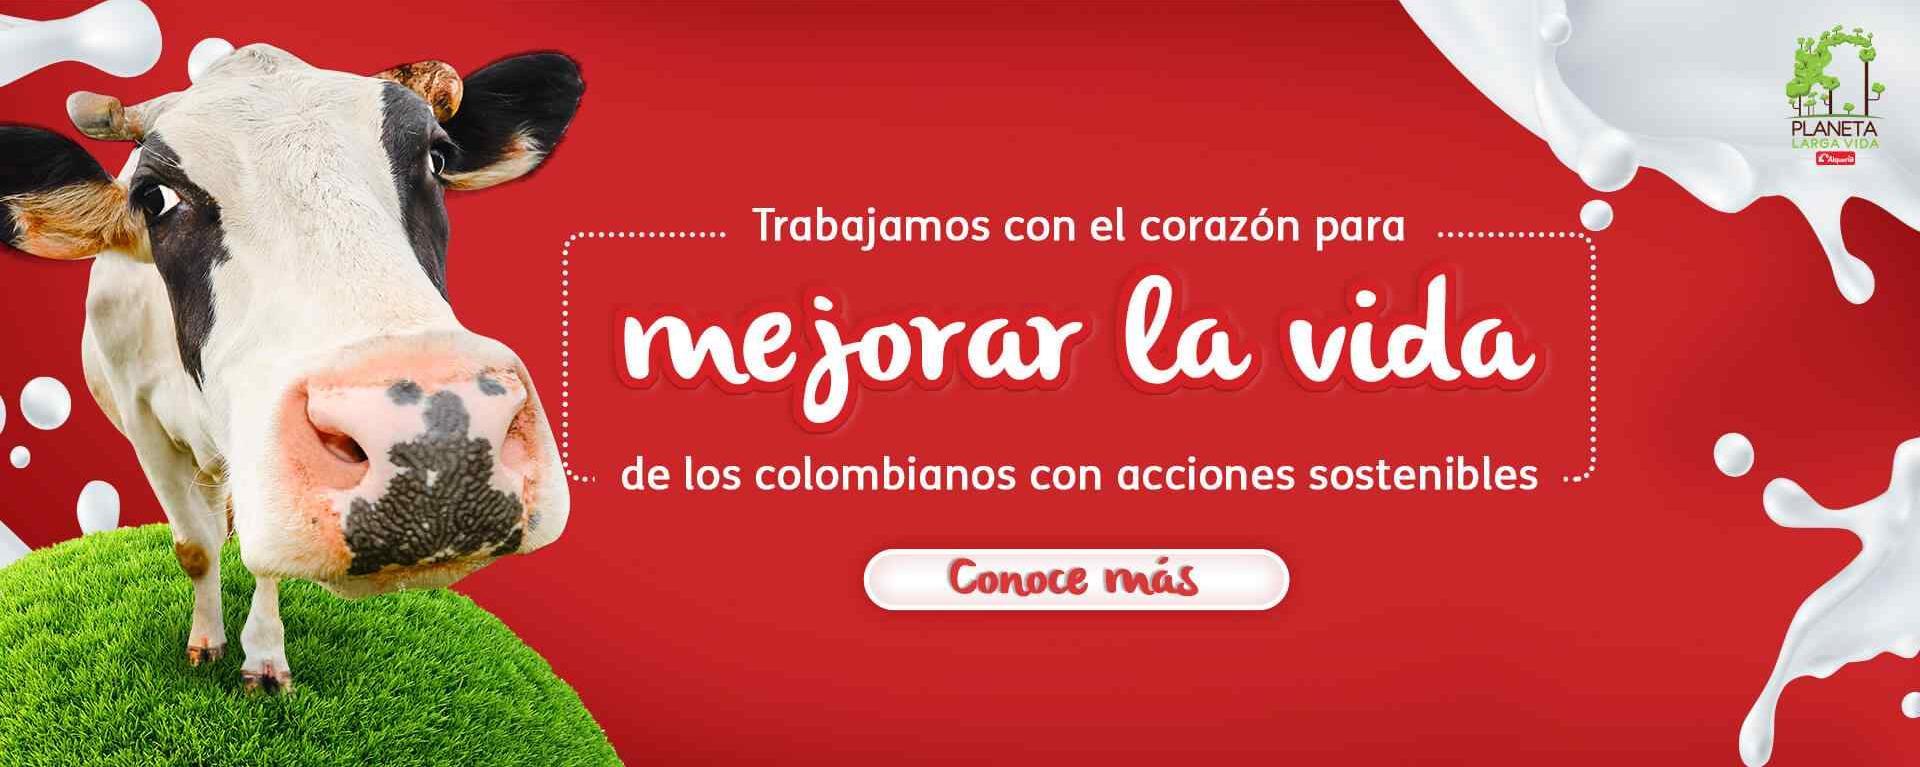 Trabajamos para mejorar la vida de los colombianos